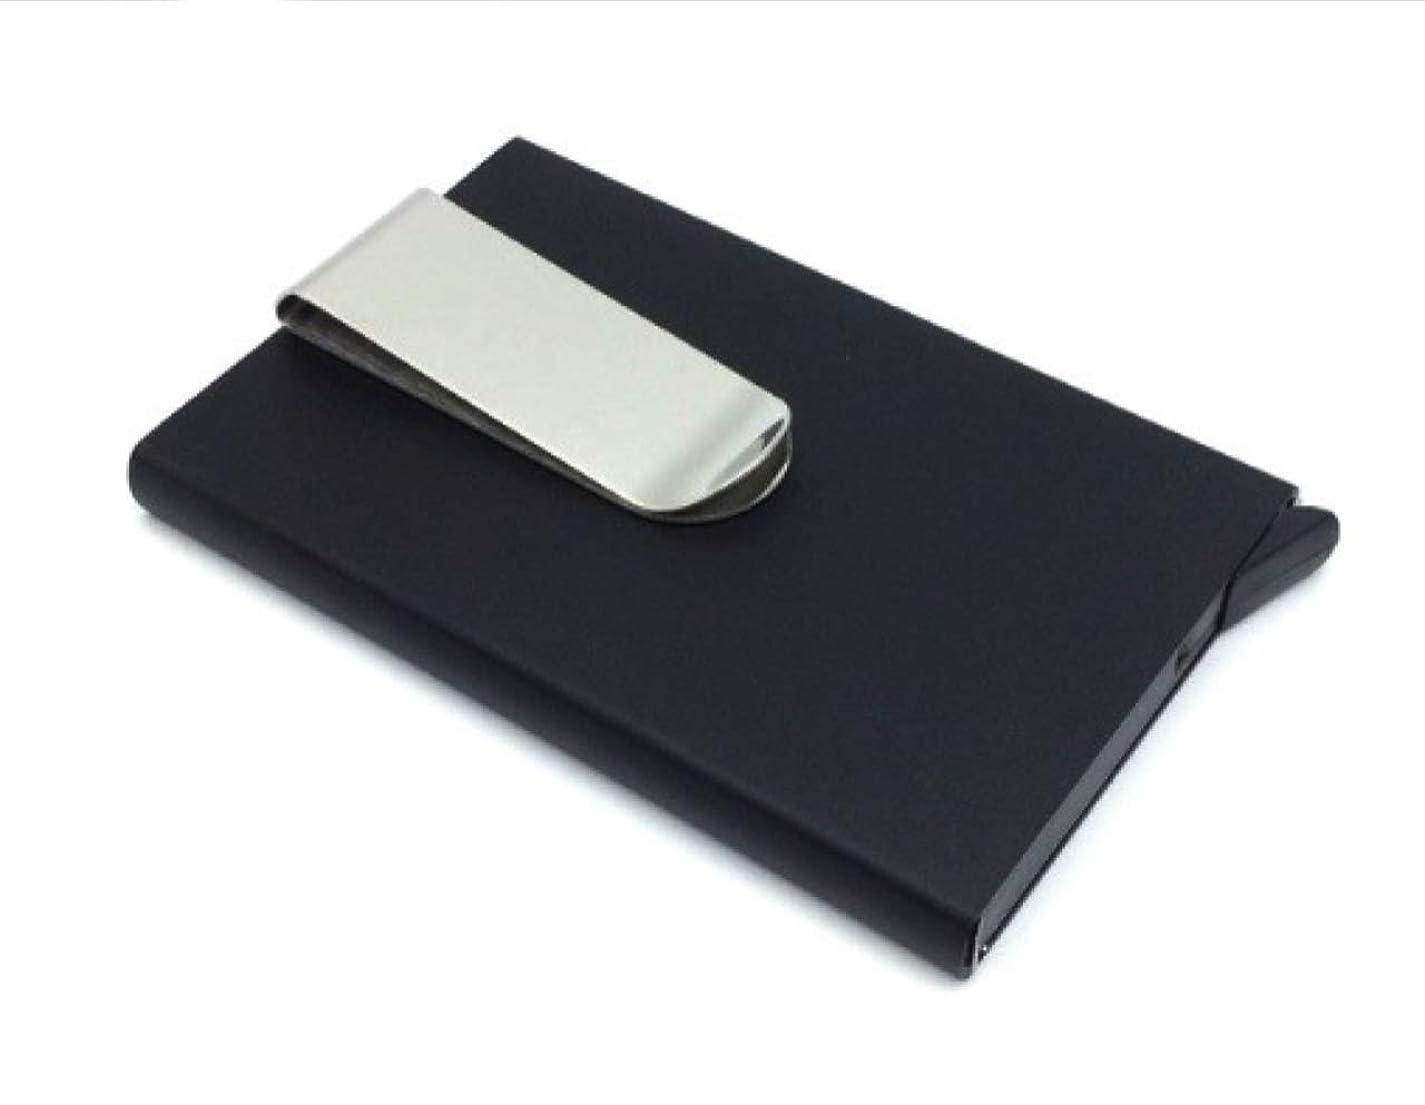 手紙を書くアーク一瞬[シュガーレス] スマート カードスロット マネークリップ トリガー式 ホルダー 強固 メタル ハード ケース